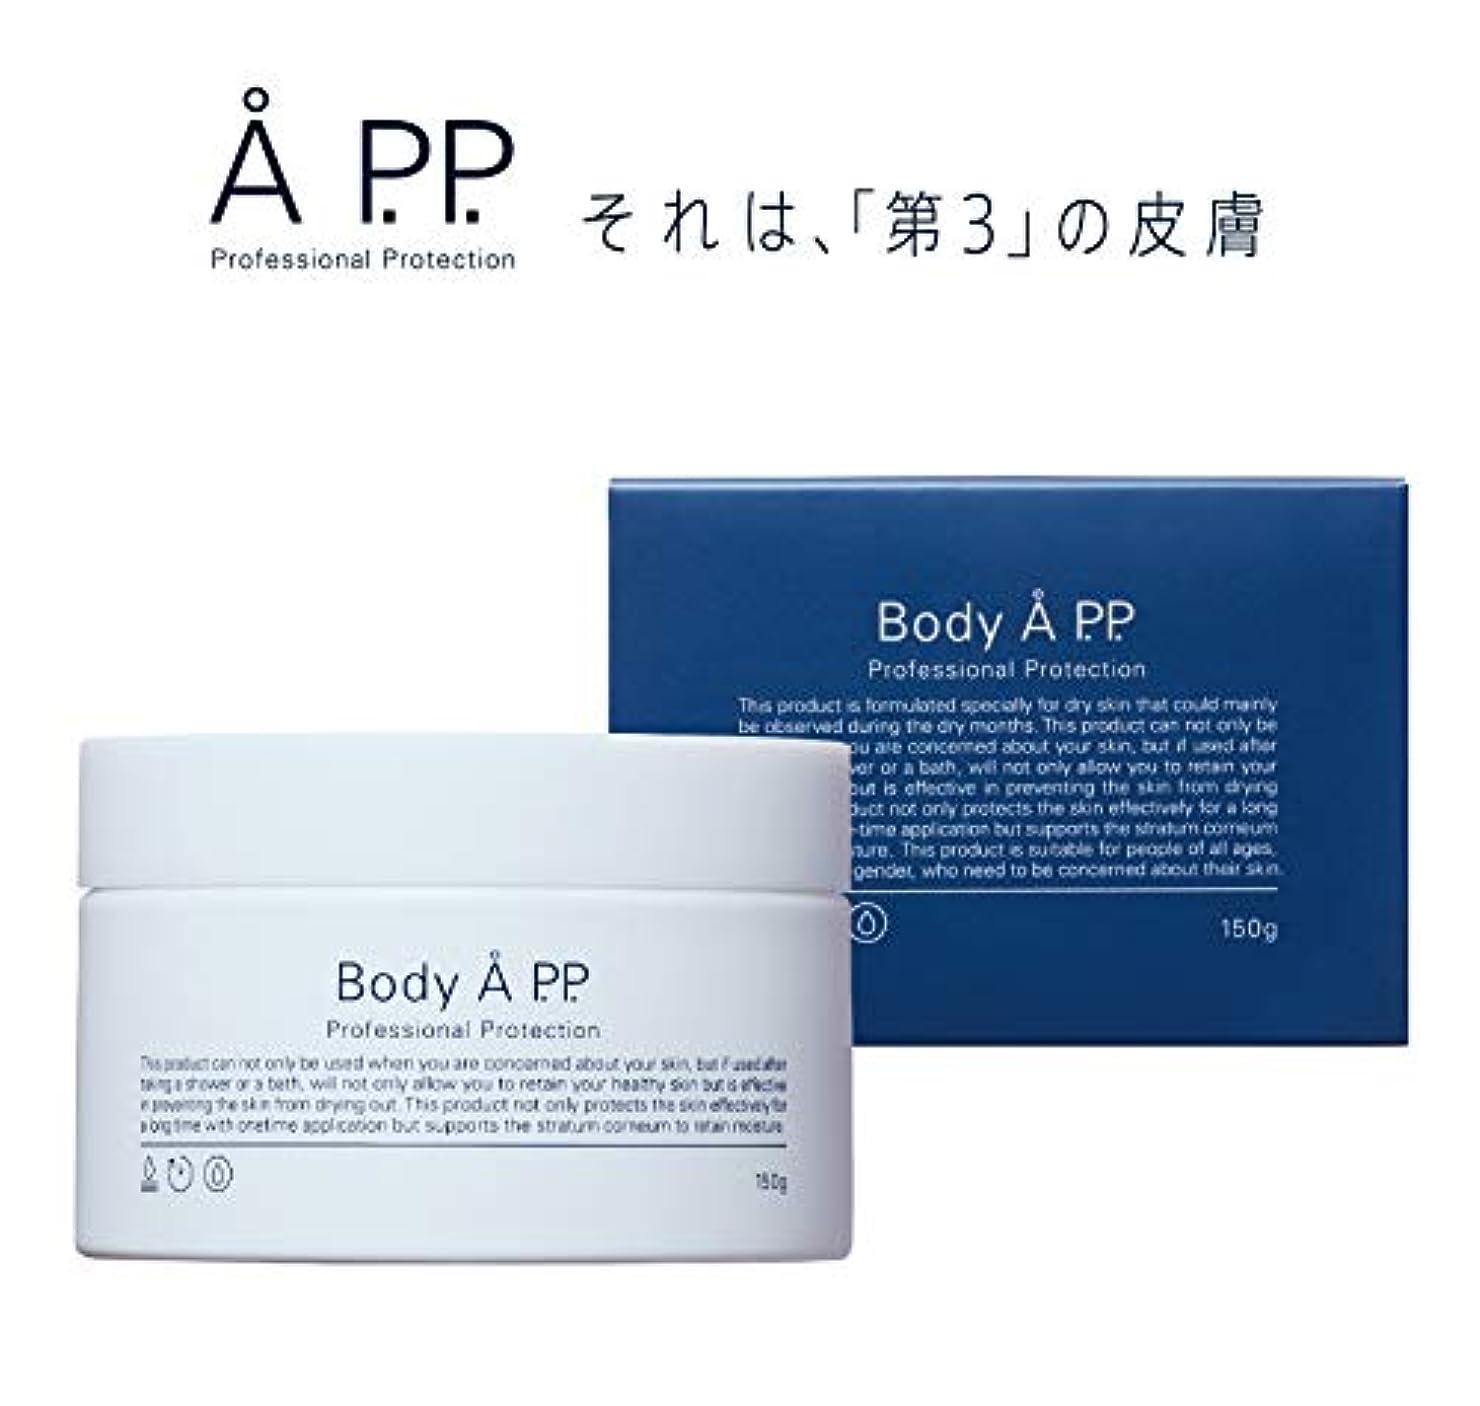 箱アパート拘束するBody A P.P. プロフェッショナルプロテクション 高機能 ボディクリーム ボディークリーム 人気 ランキング 保湿 無香料 150g (1個)